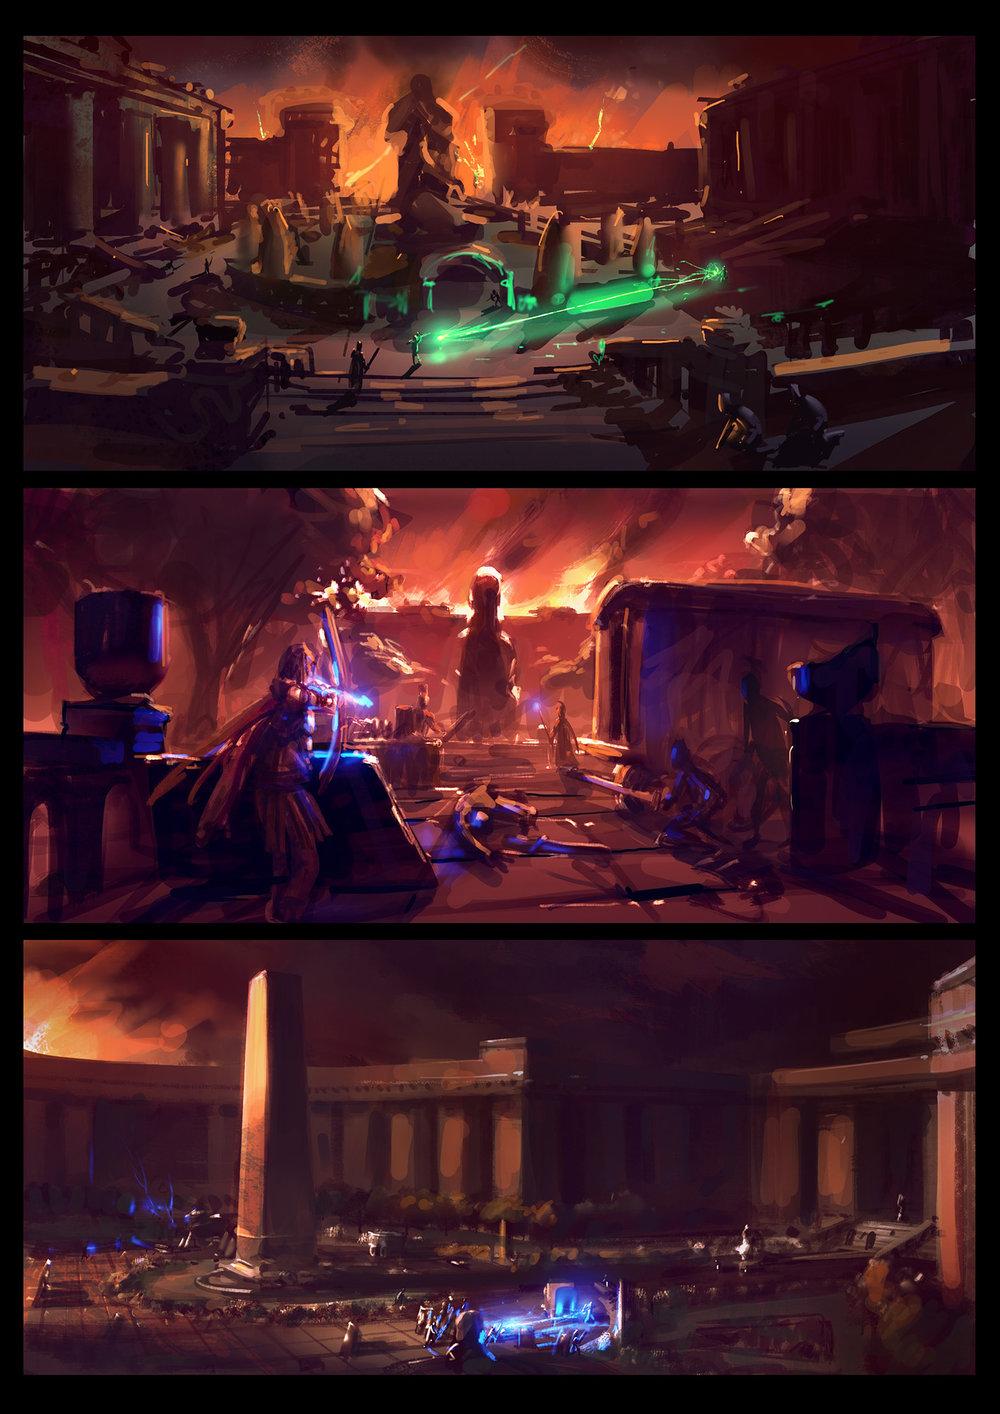 Environment_Prologue_CourtyardBattle_Thumbnails.jpg